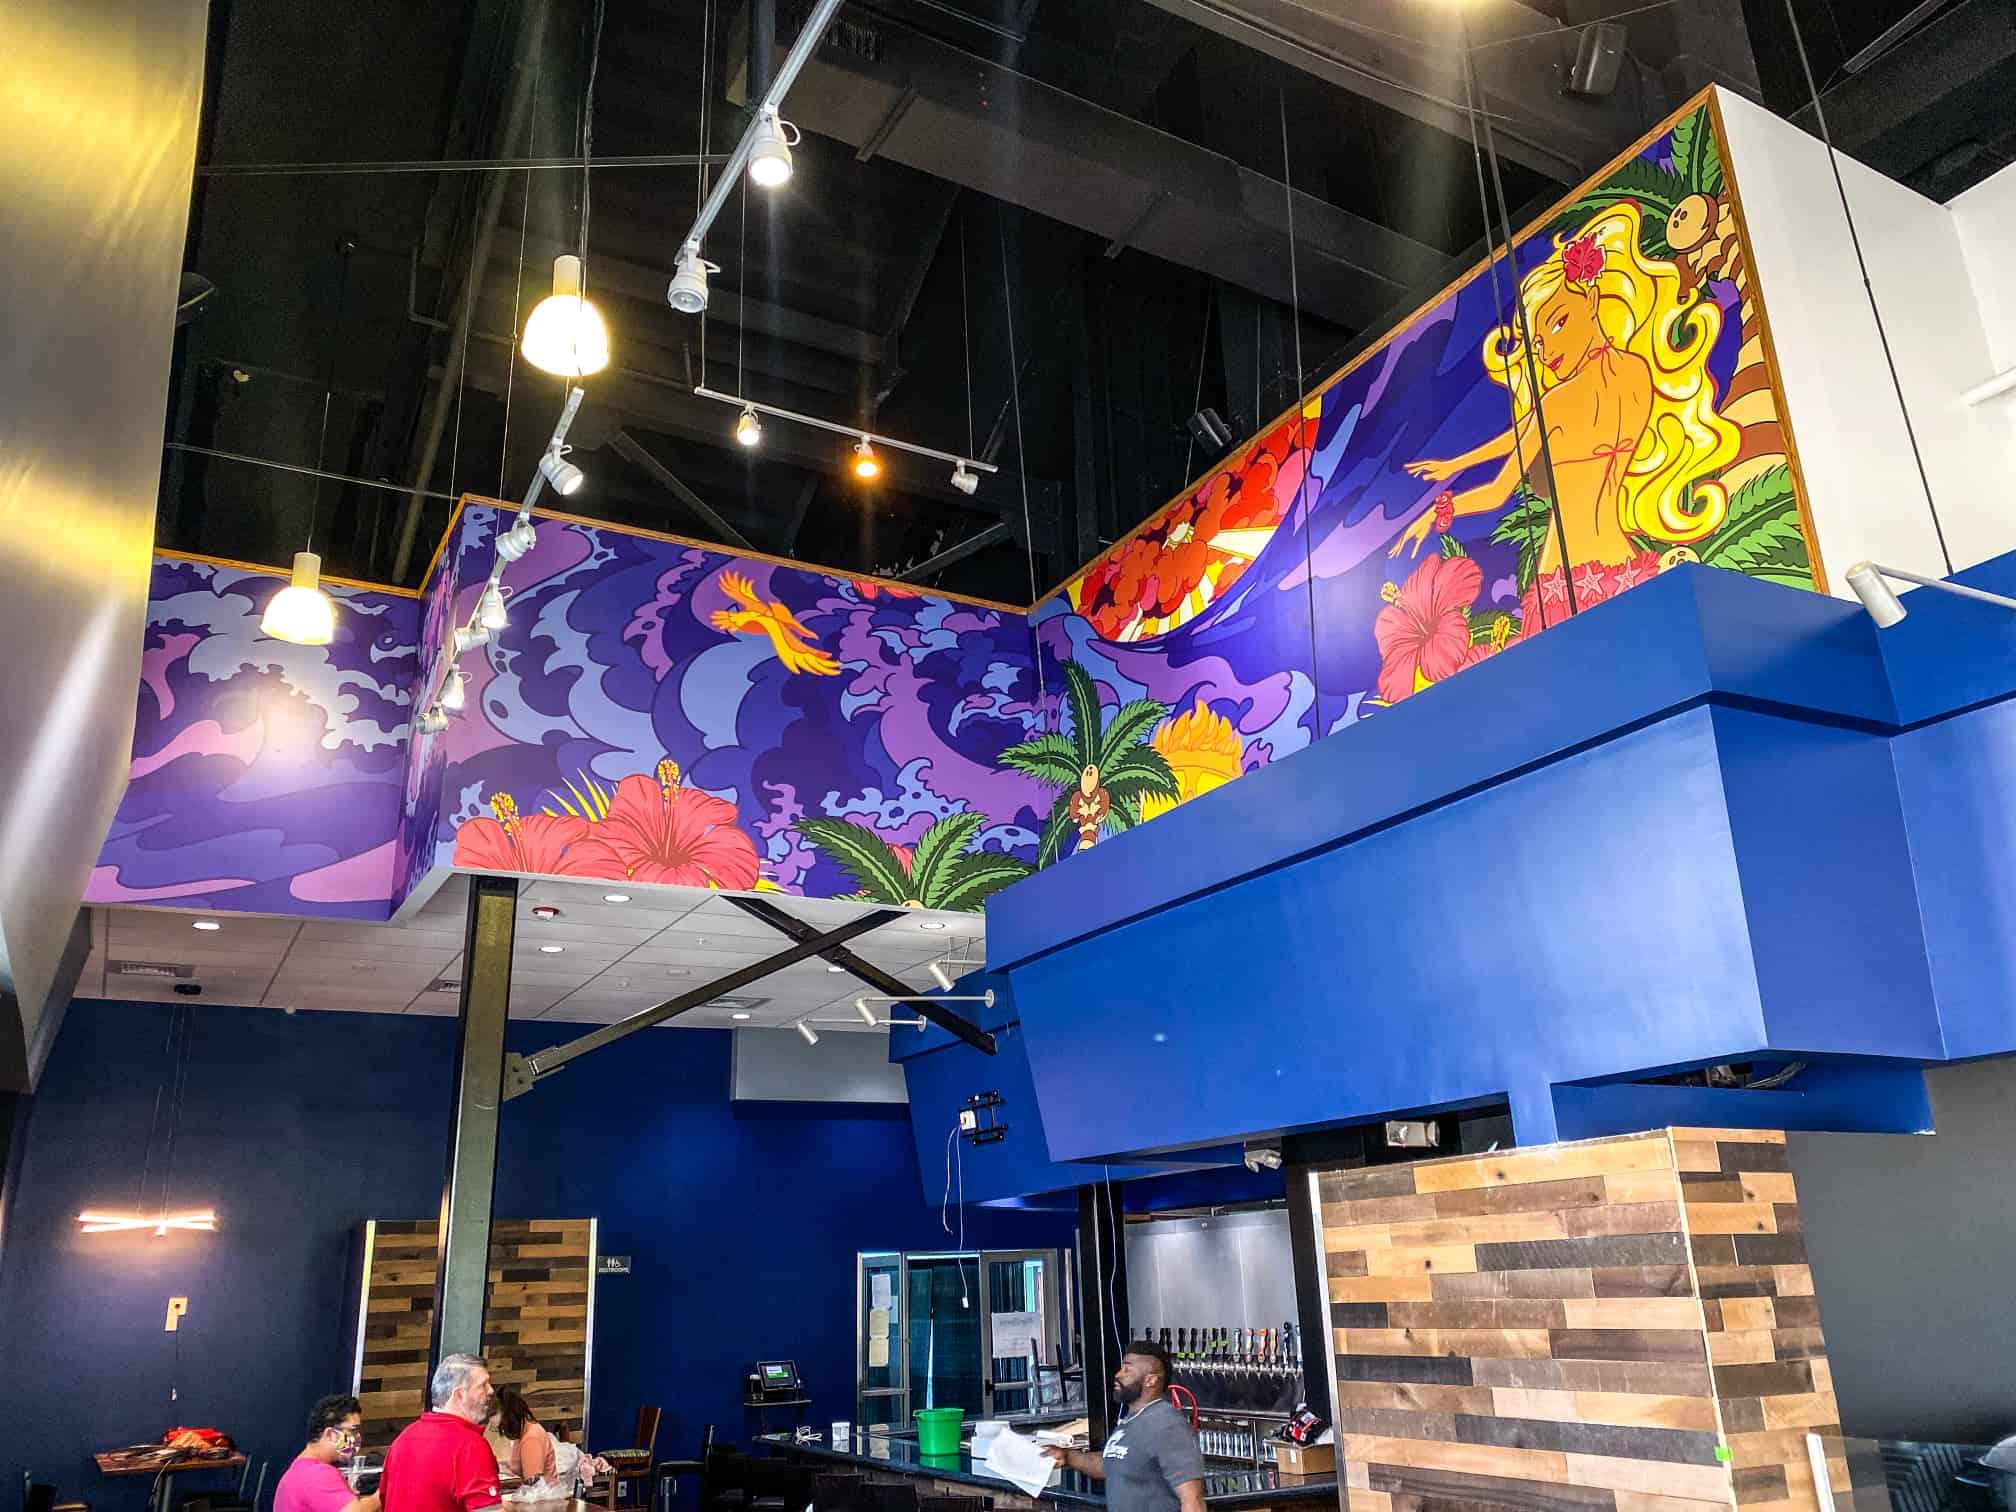 Big Storm Brewing Co. – Orlando